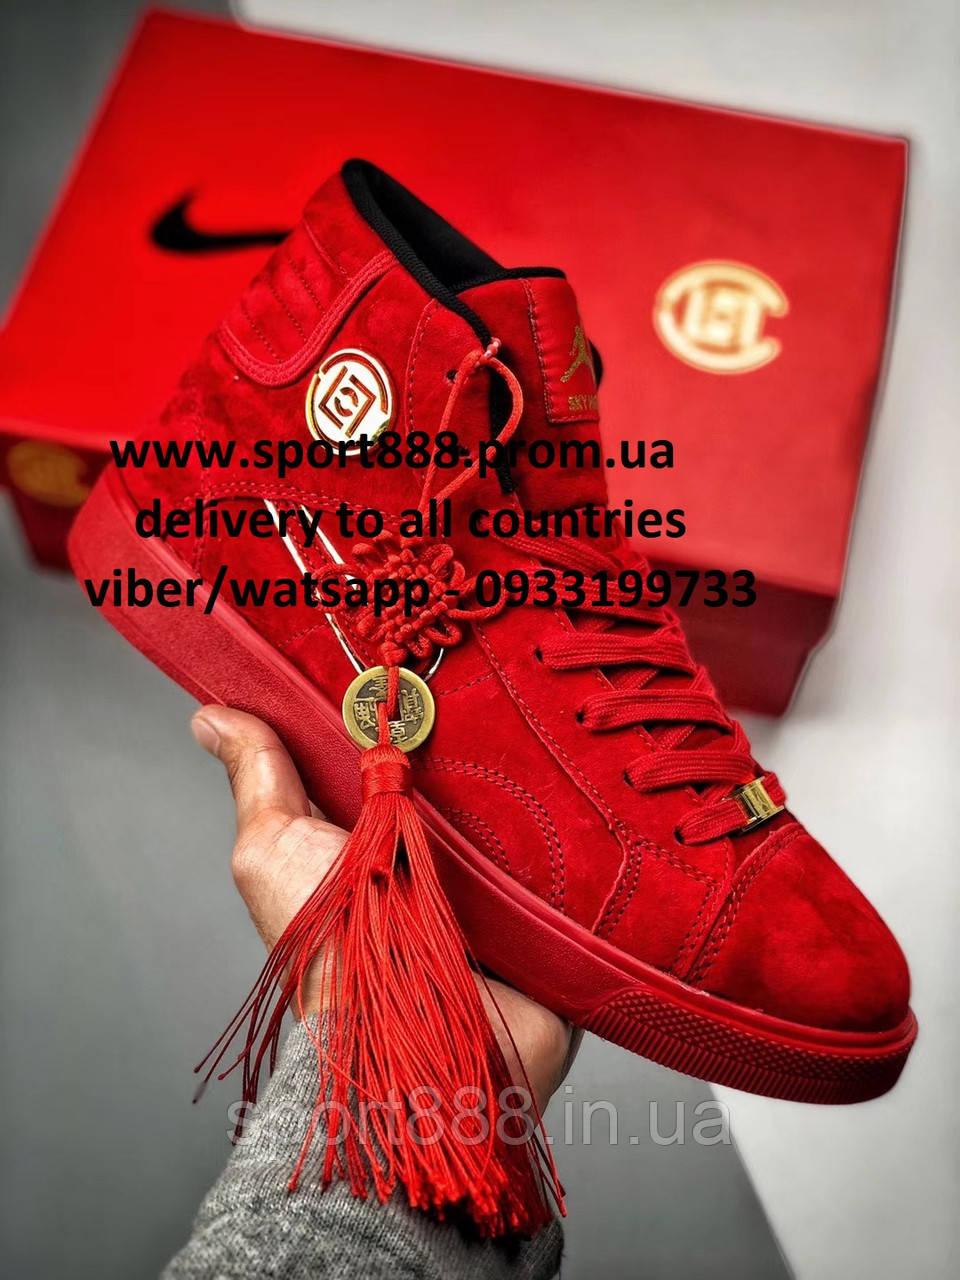 CLOT X Supreme x Air Jordan HT181-182 мужские женские кроссовки ... c19de86e6